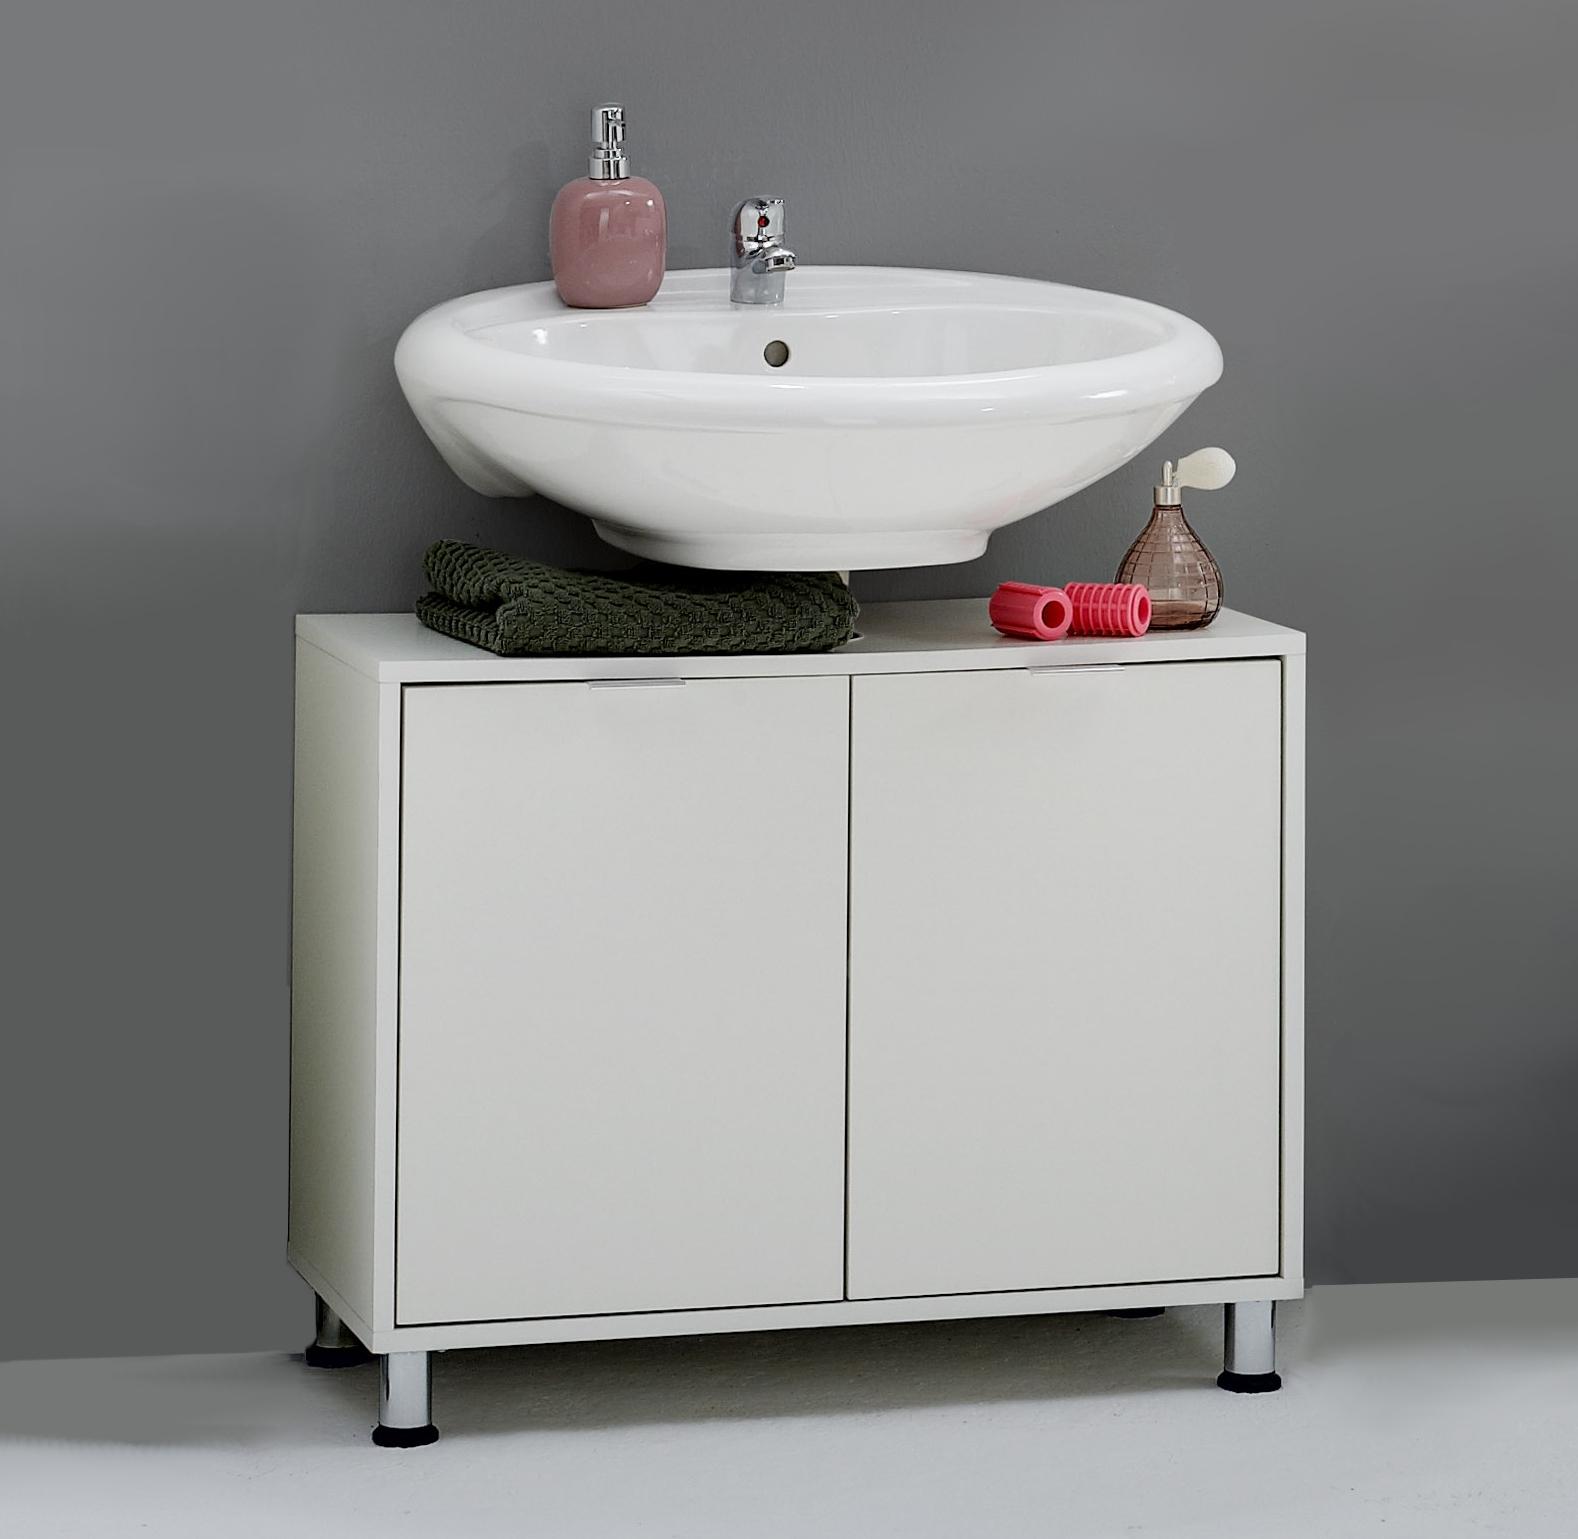 ZAMORA 4 Waschbecken-Unterschrank von FMD Weiss